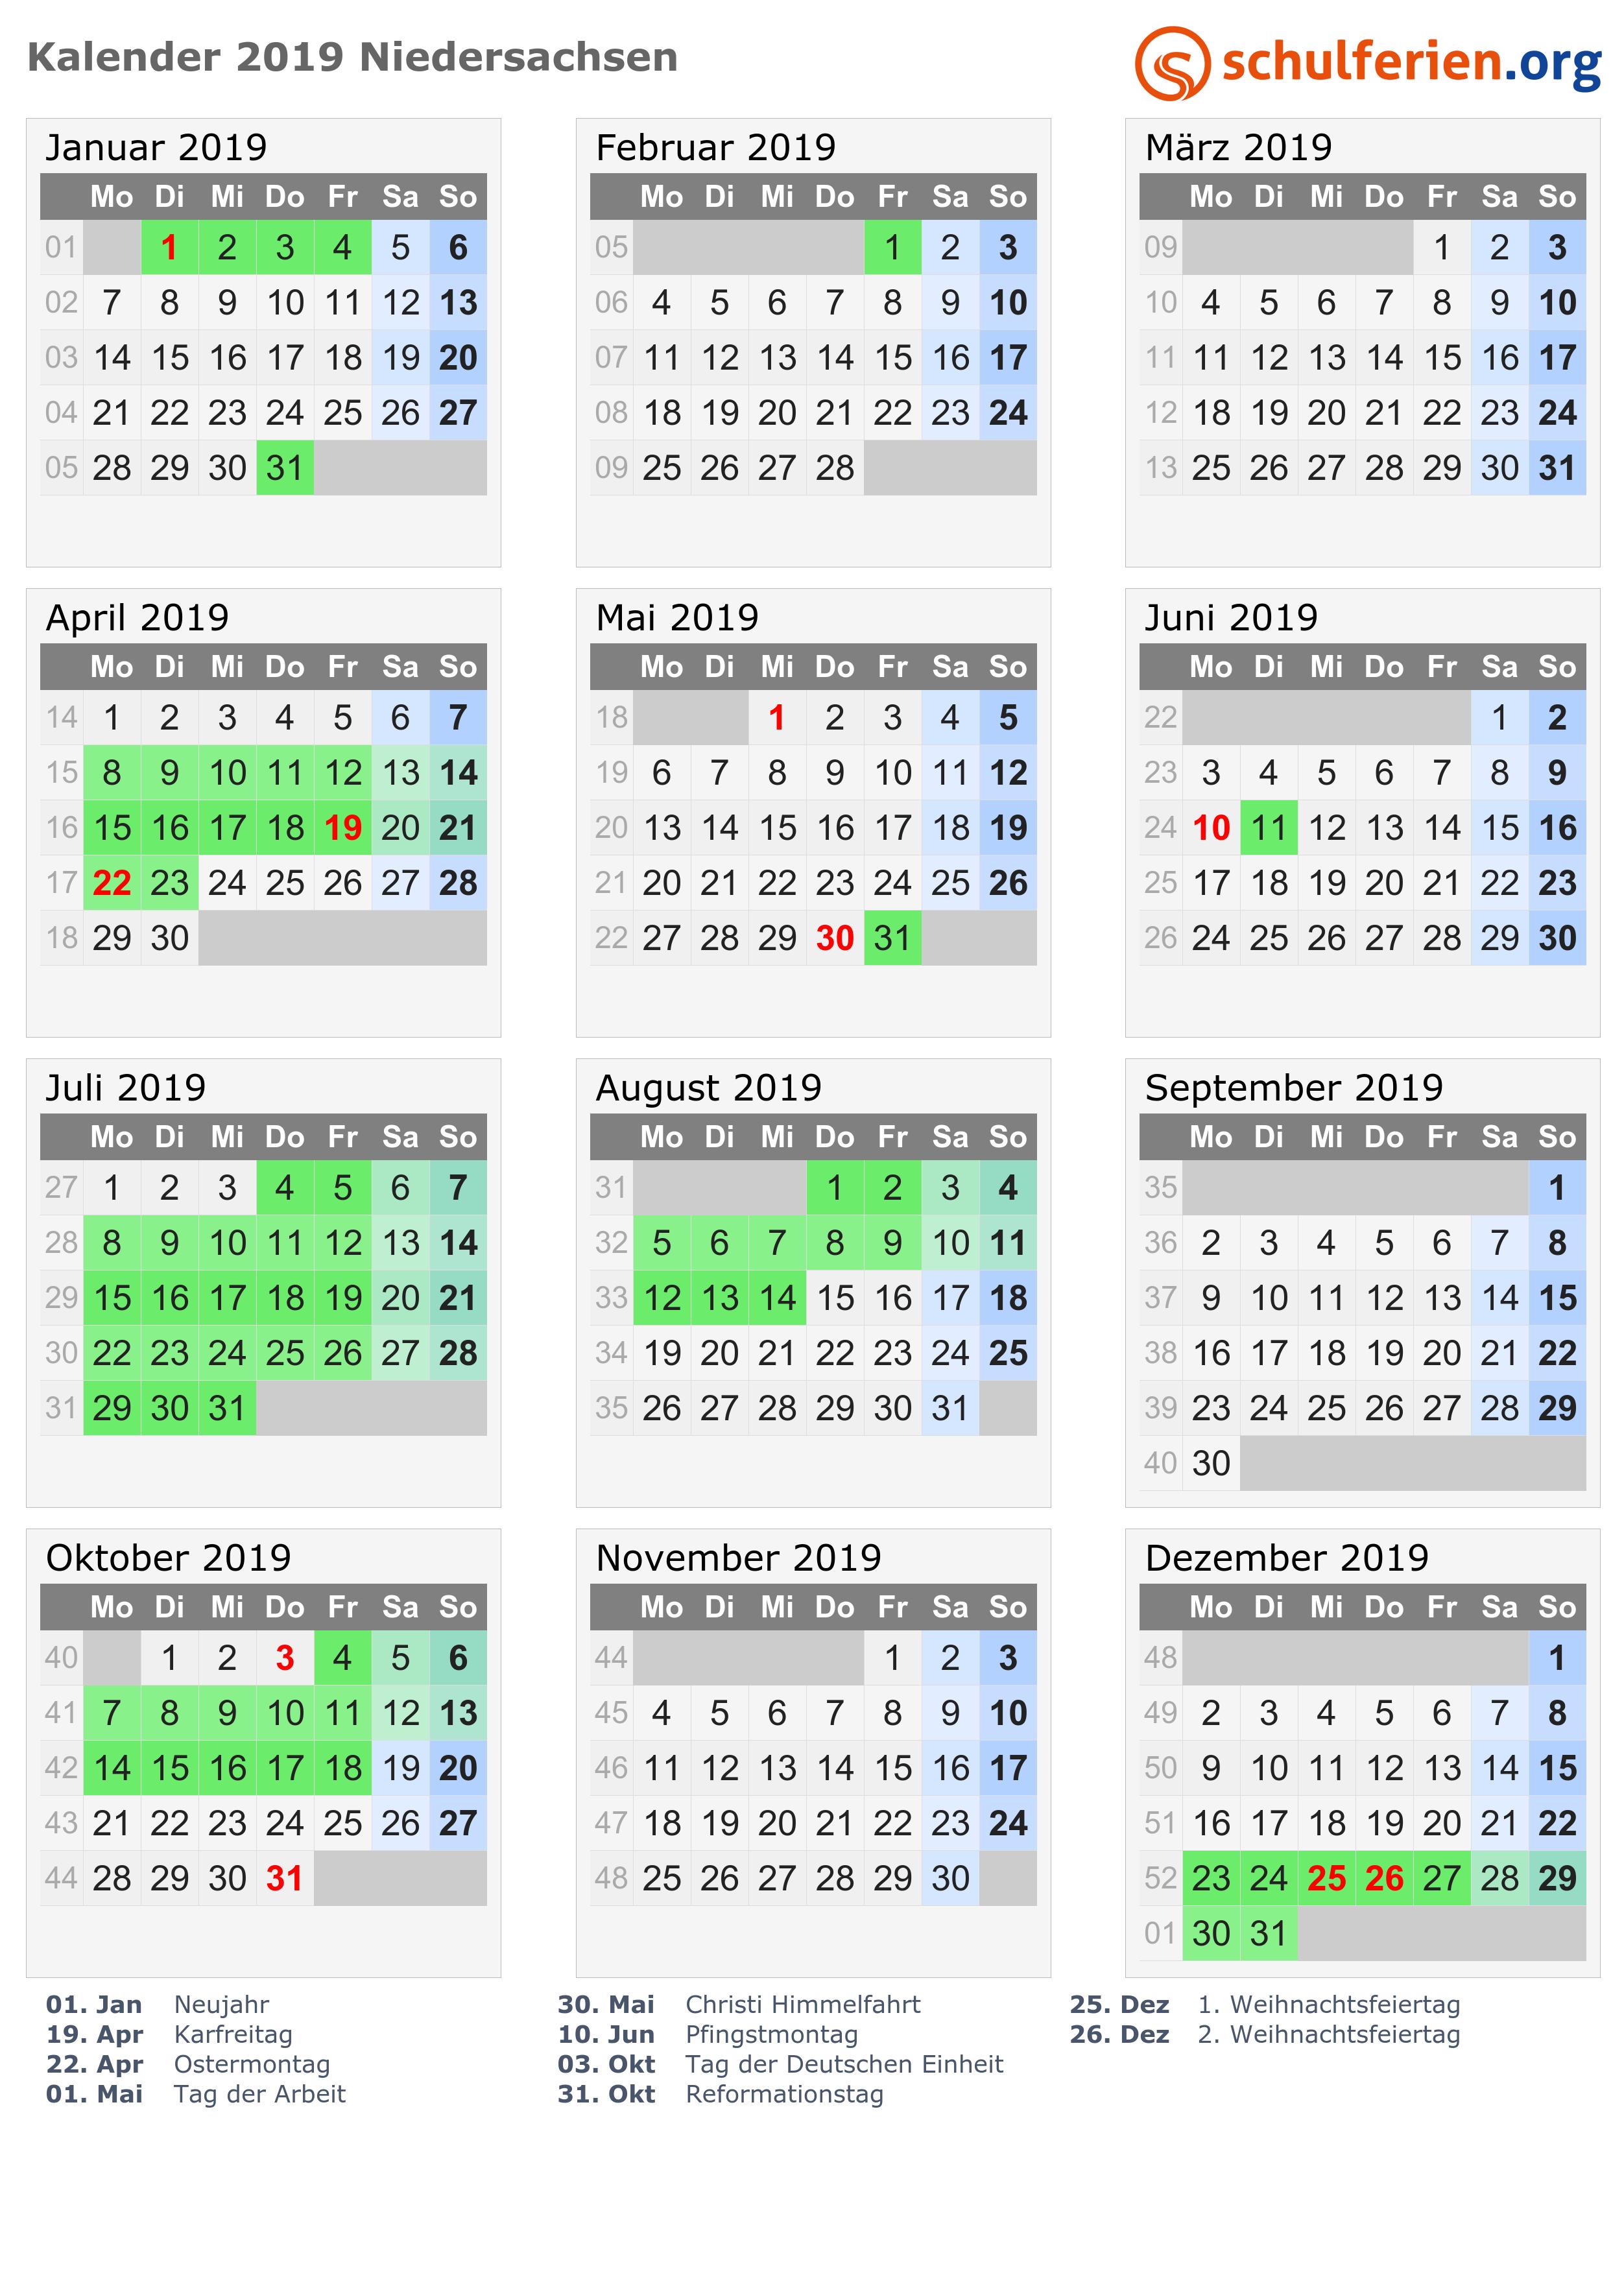 kalender 2019 ferien niedersachsen